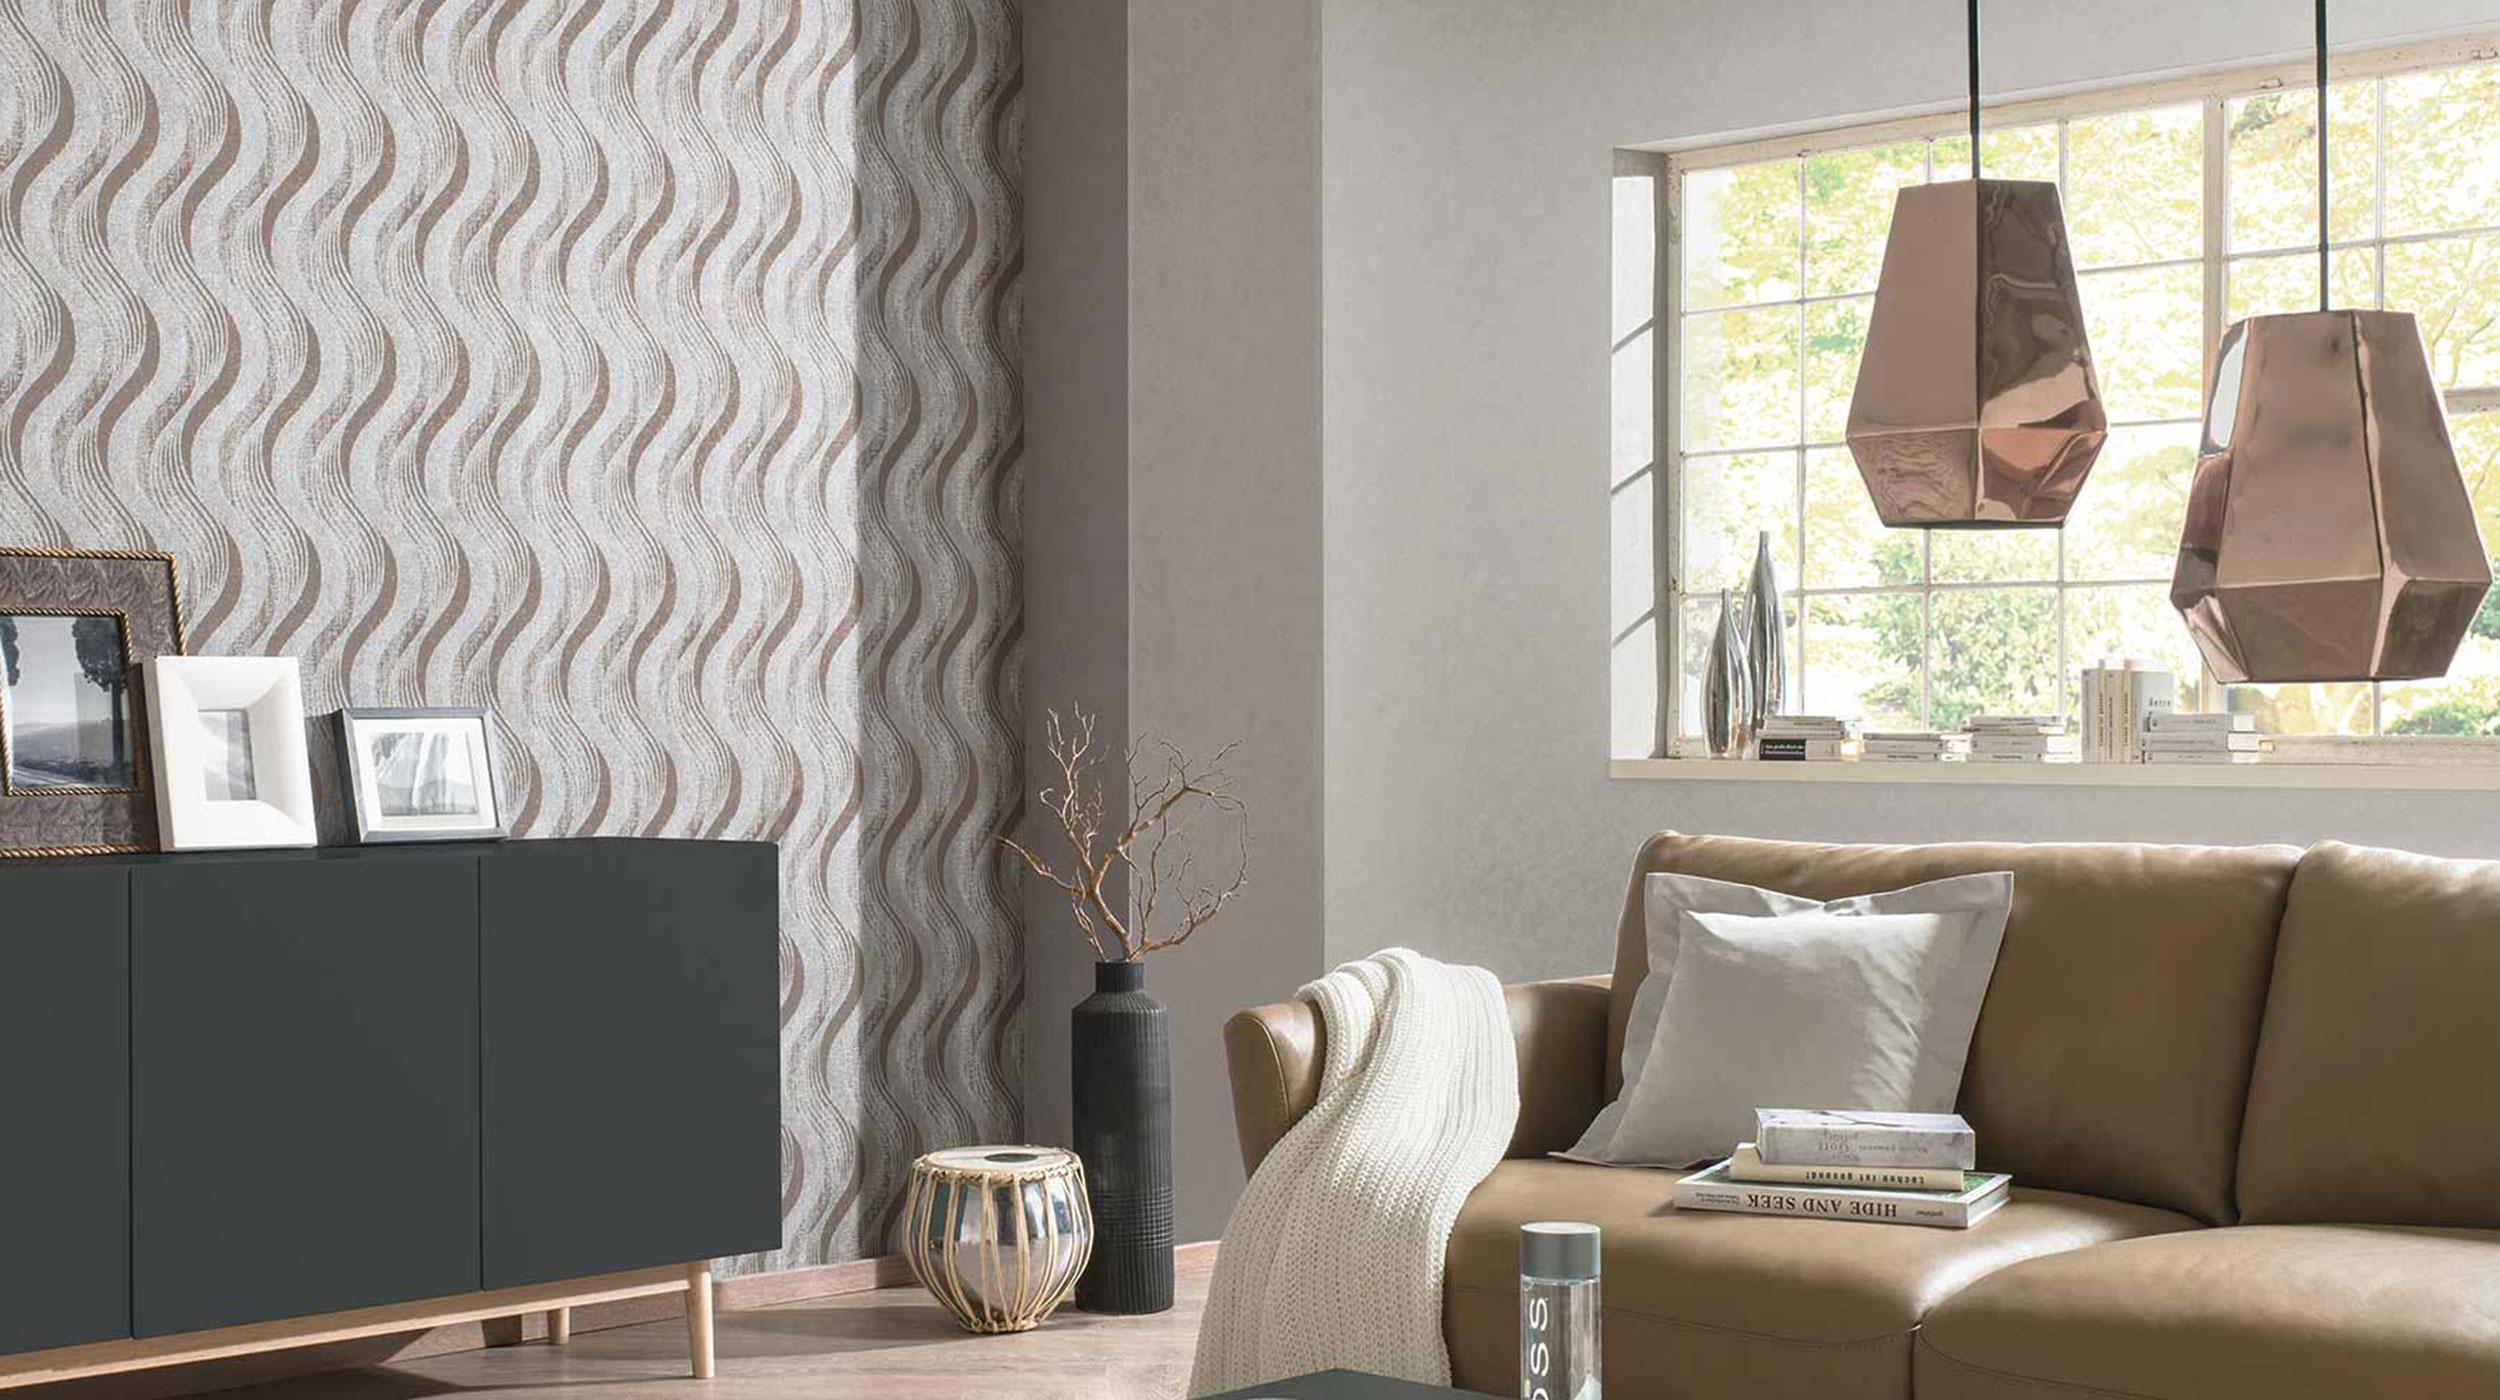 wandgestaltung wohnzimmer taupe – Dumss.com